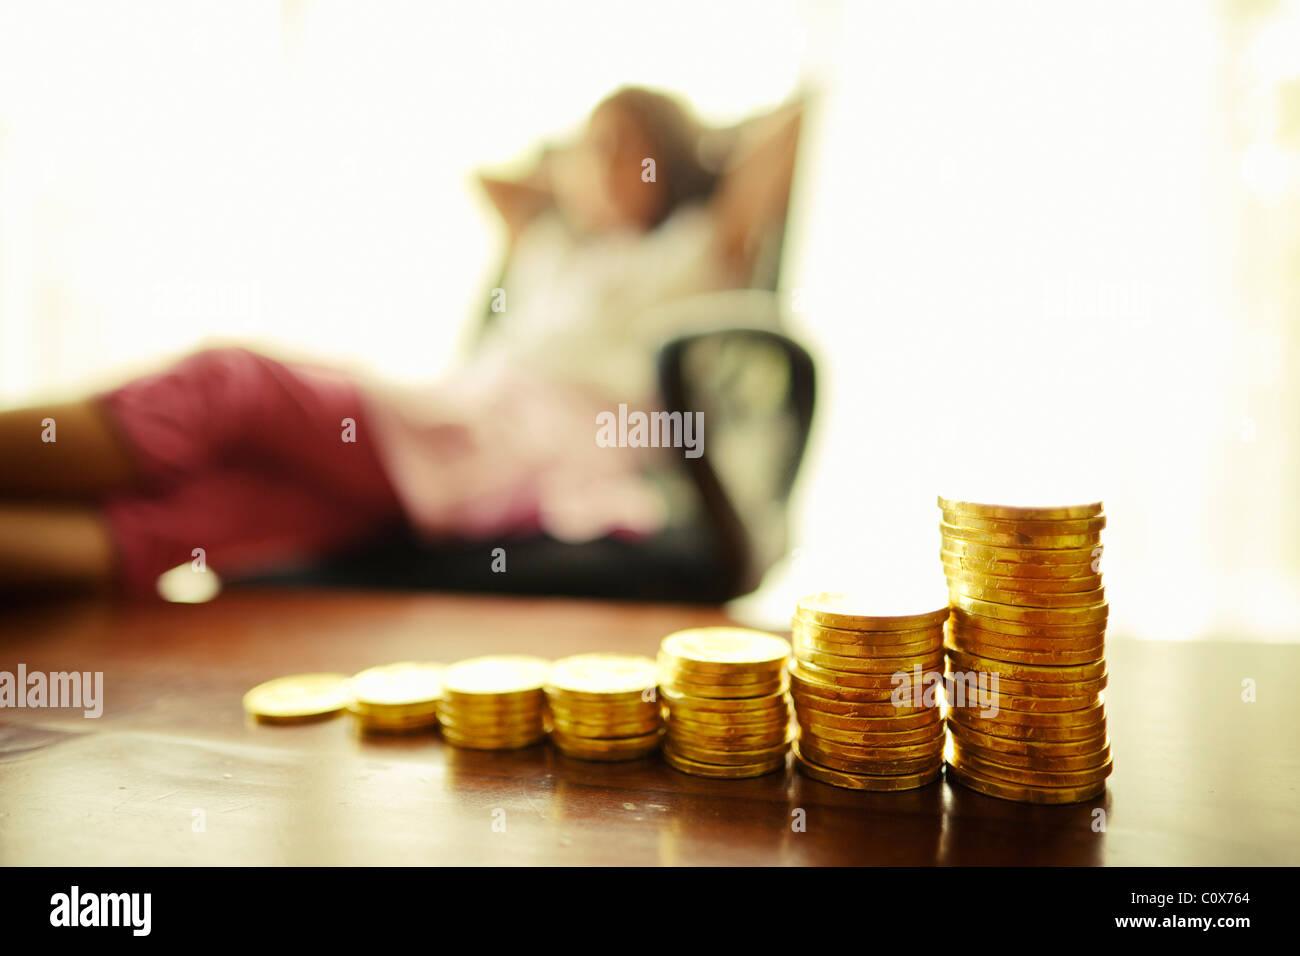 Investire in oro. Ragazza con cioccolato impilati monete d'oro. Immagini Stock